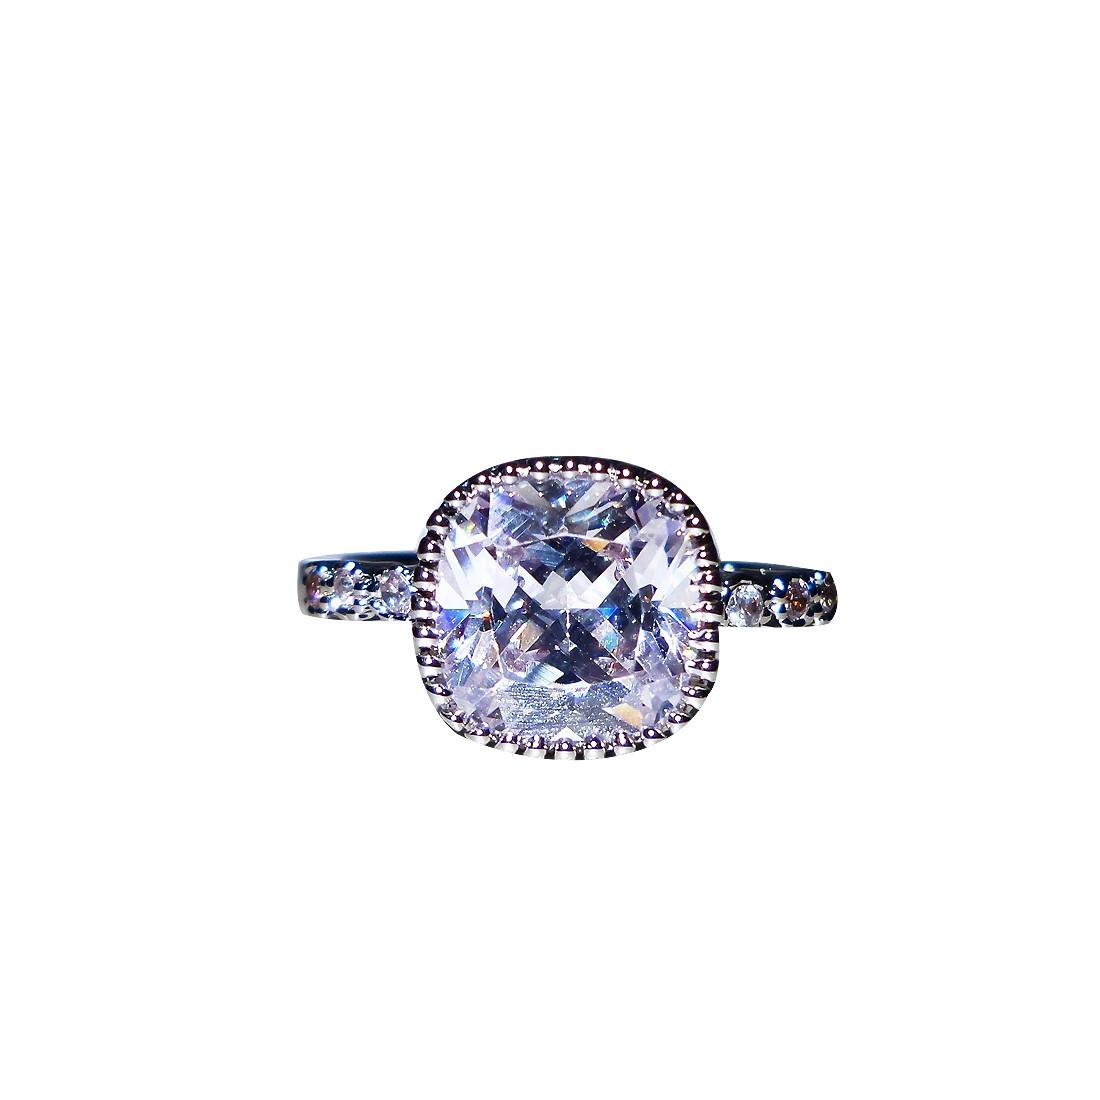 Giselle Ring - CS15410